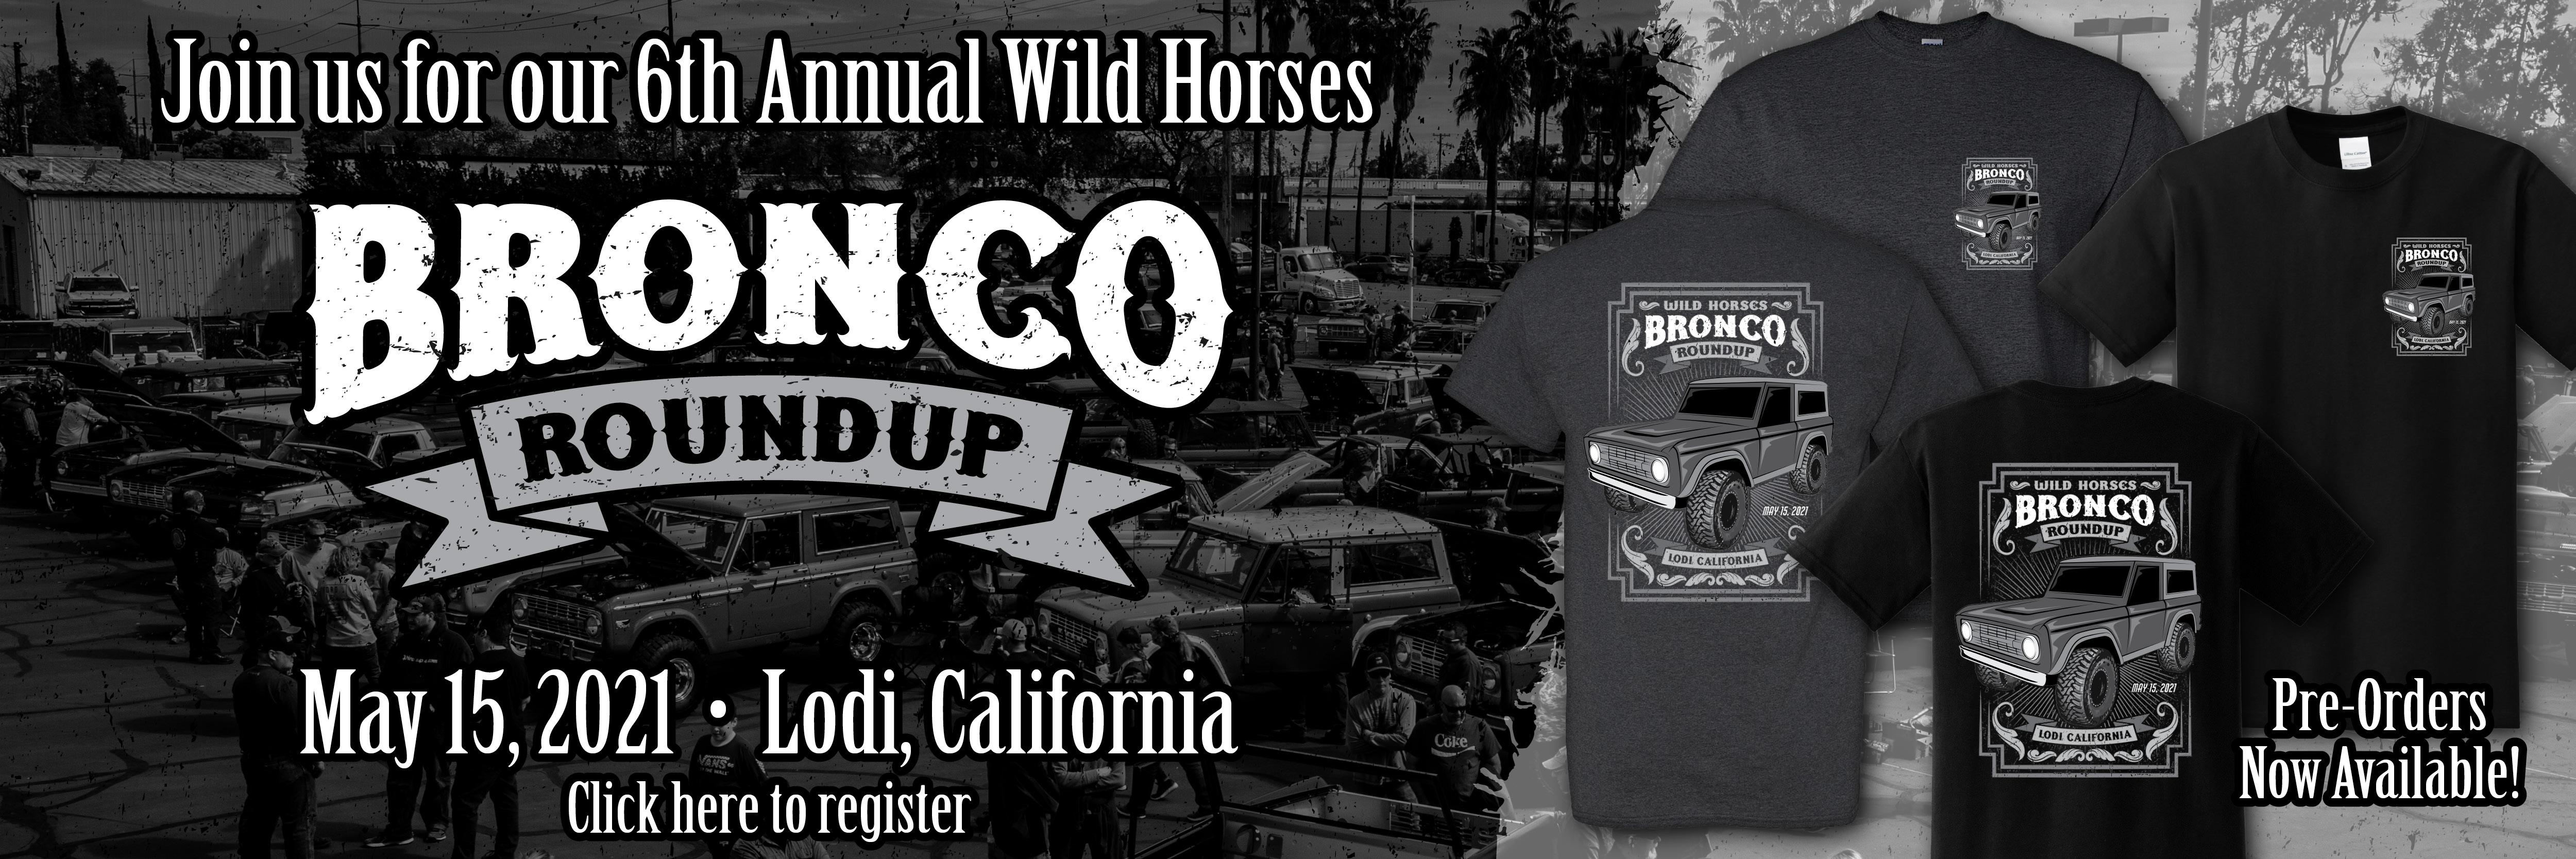 2021 Bronco Roundup